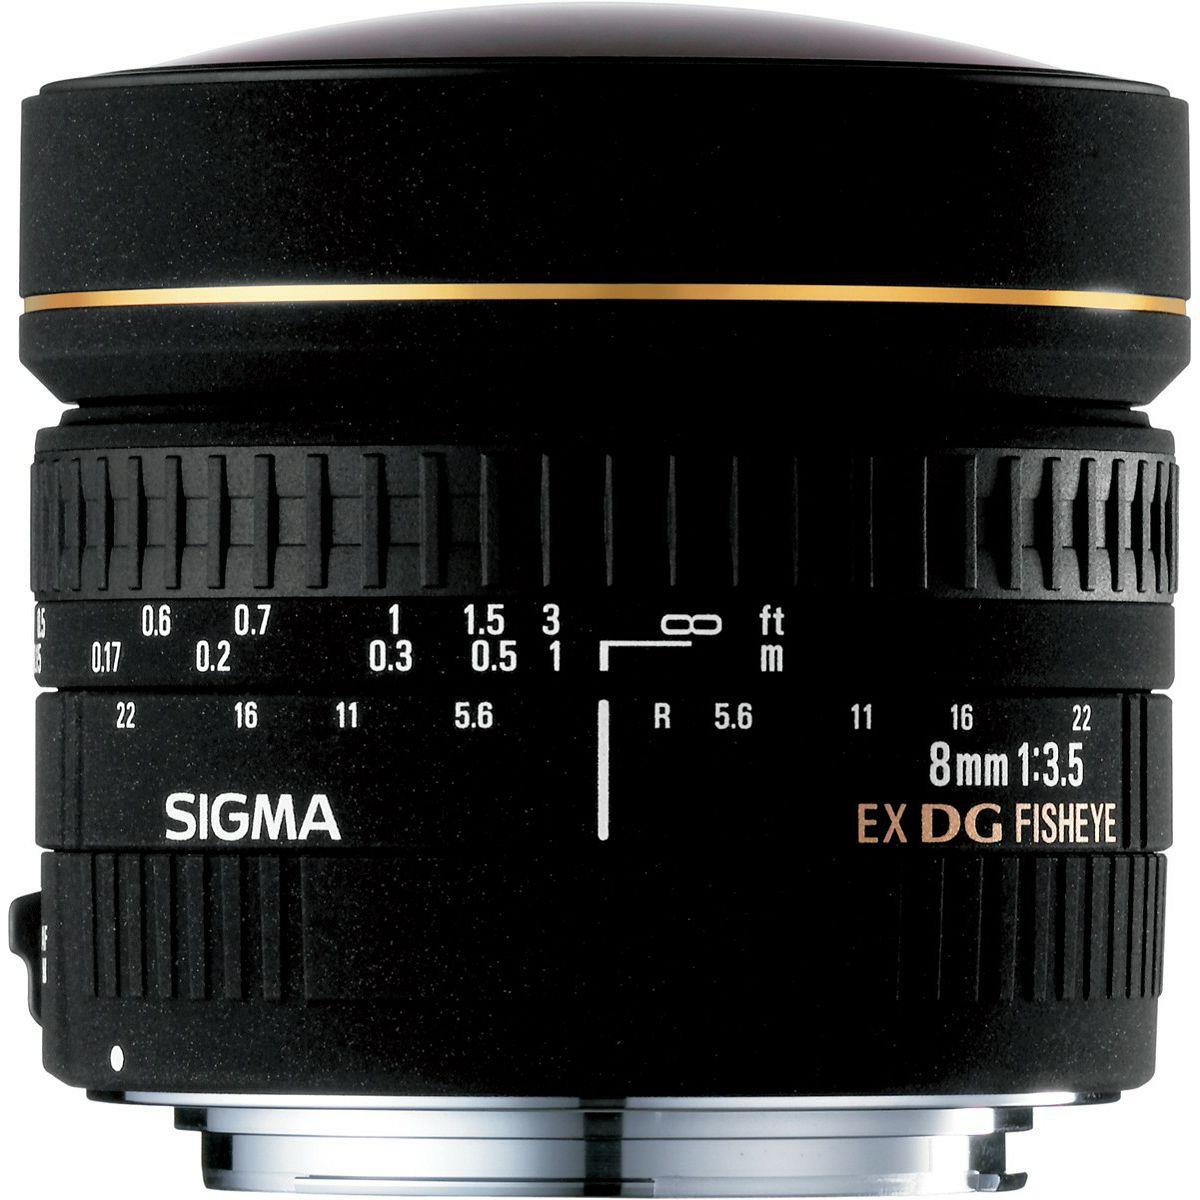 Sigma 8mm f/3.5 EX DG Cirkular Fisheye objektiv za Canon 8/3,5 8mm/3,5 F3.5 fish-eye lens